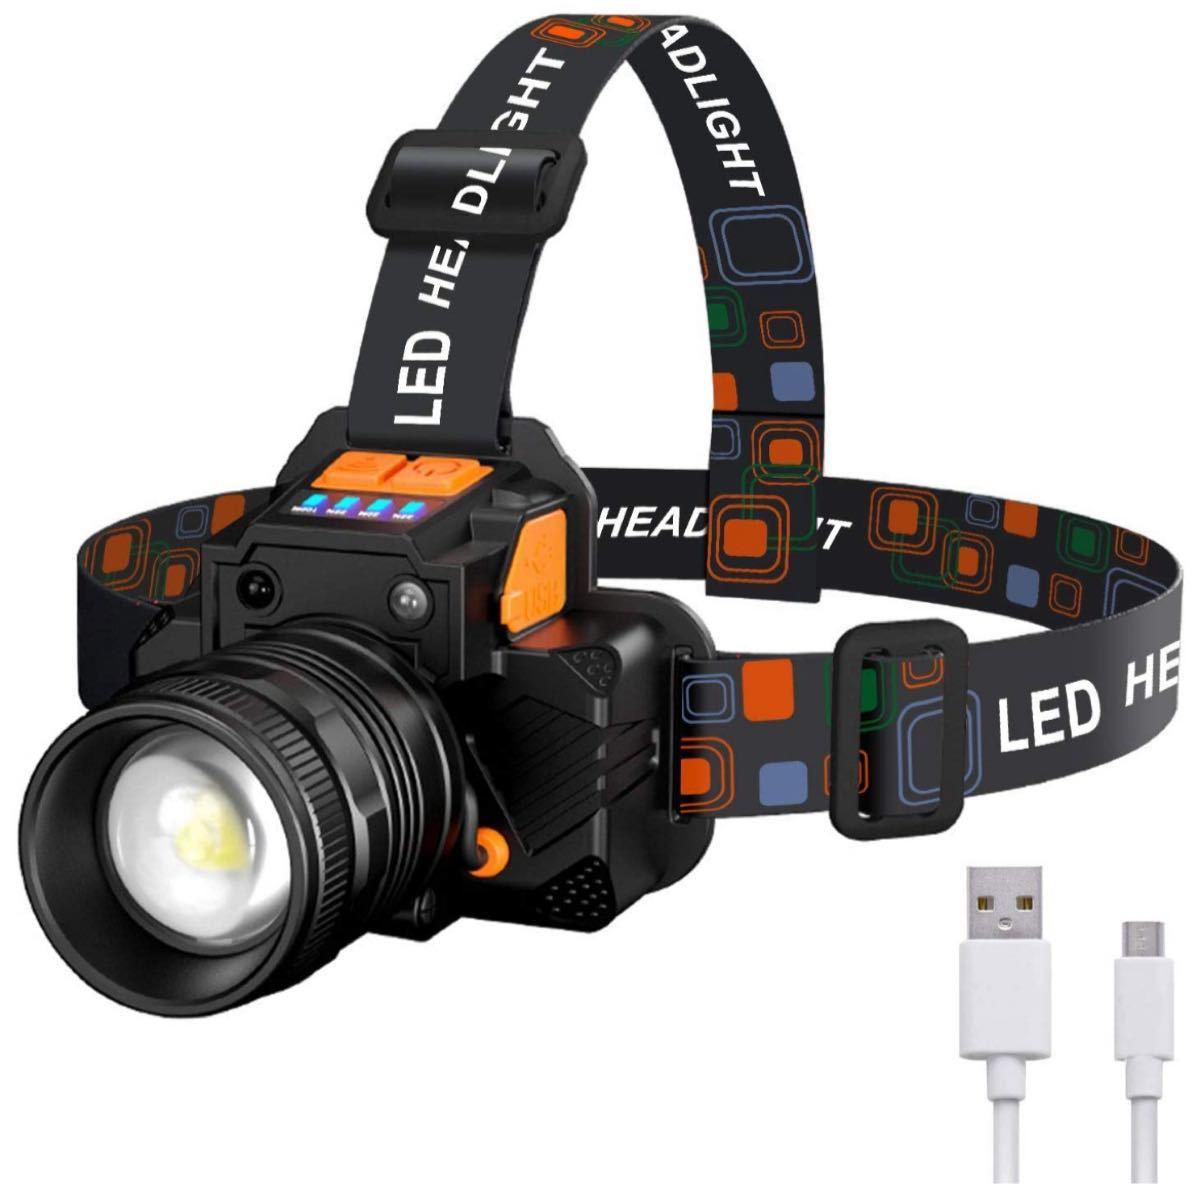 充電式 LEDヘッドライト 高輝度 ヘッドランプ USB 作業灯 超軽量 LEDヘッドランプ アウトドア